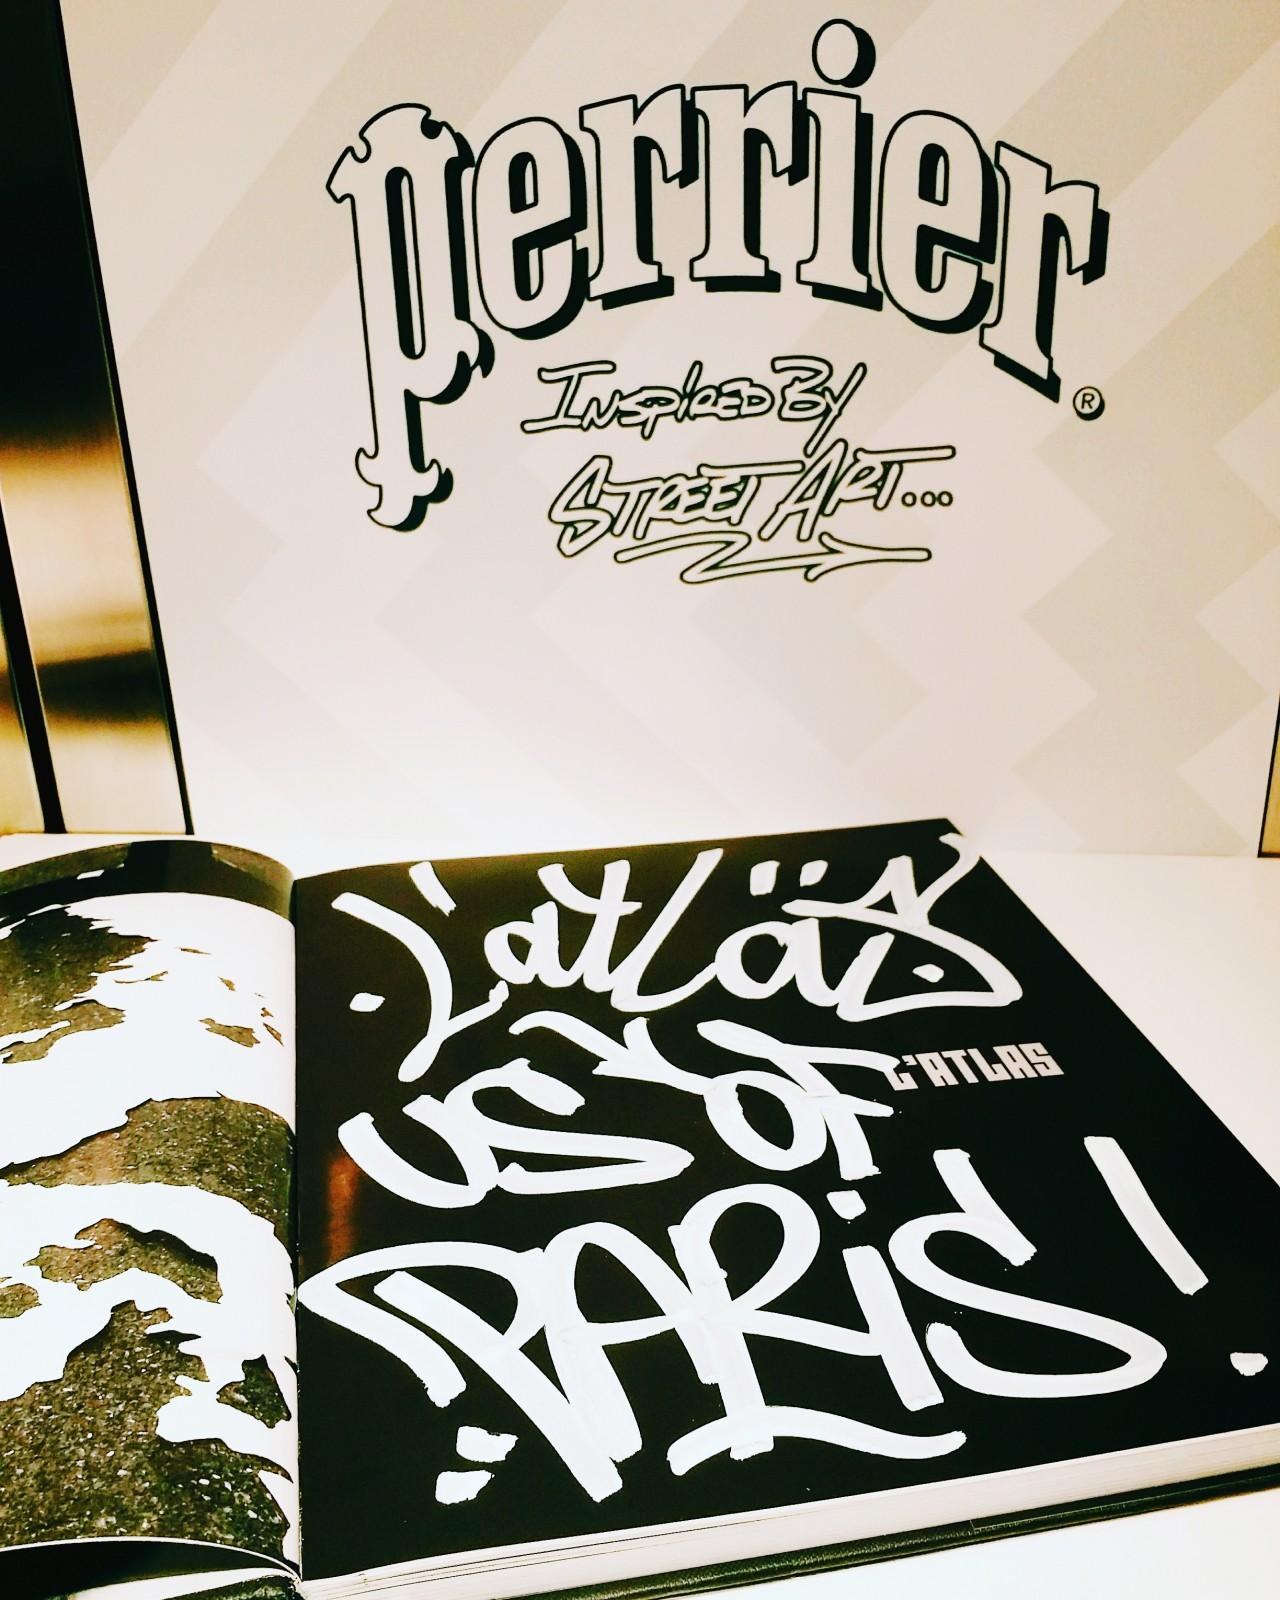 Dédicace L Atlas street artiste pour le blog united states of paris soirée de lancement Perrier inspired by street art Colette water bar photo usofparis